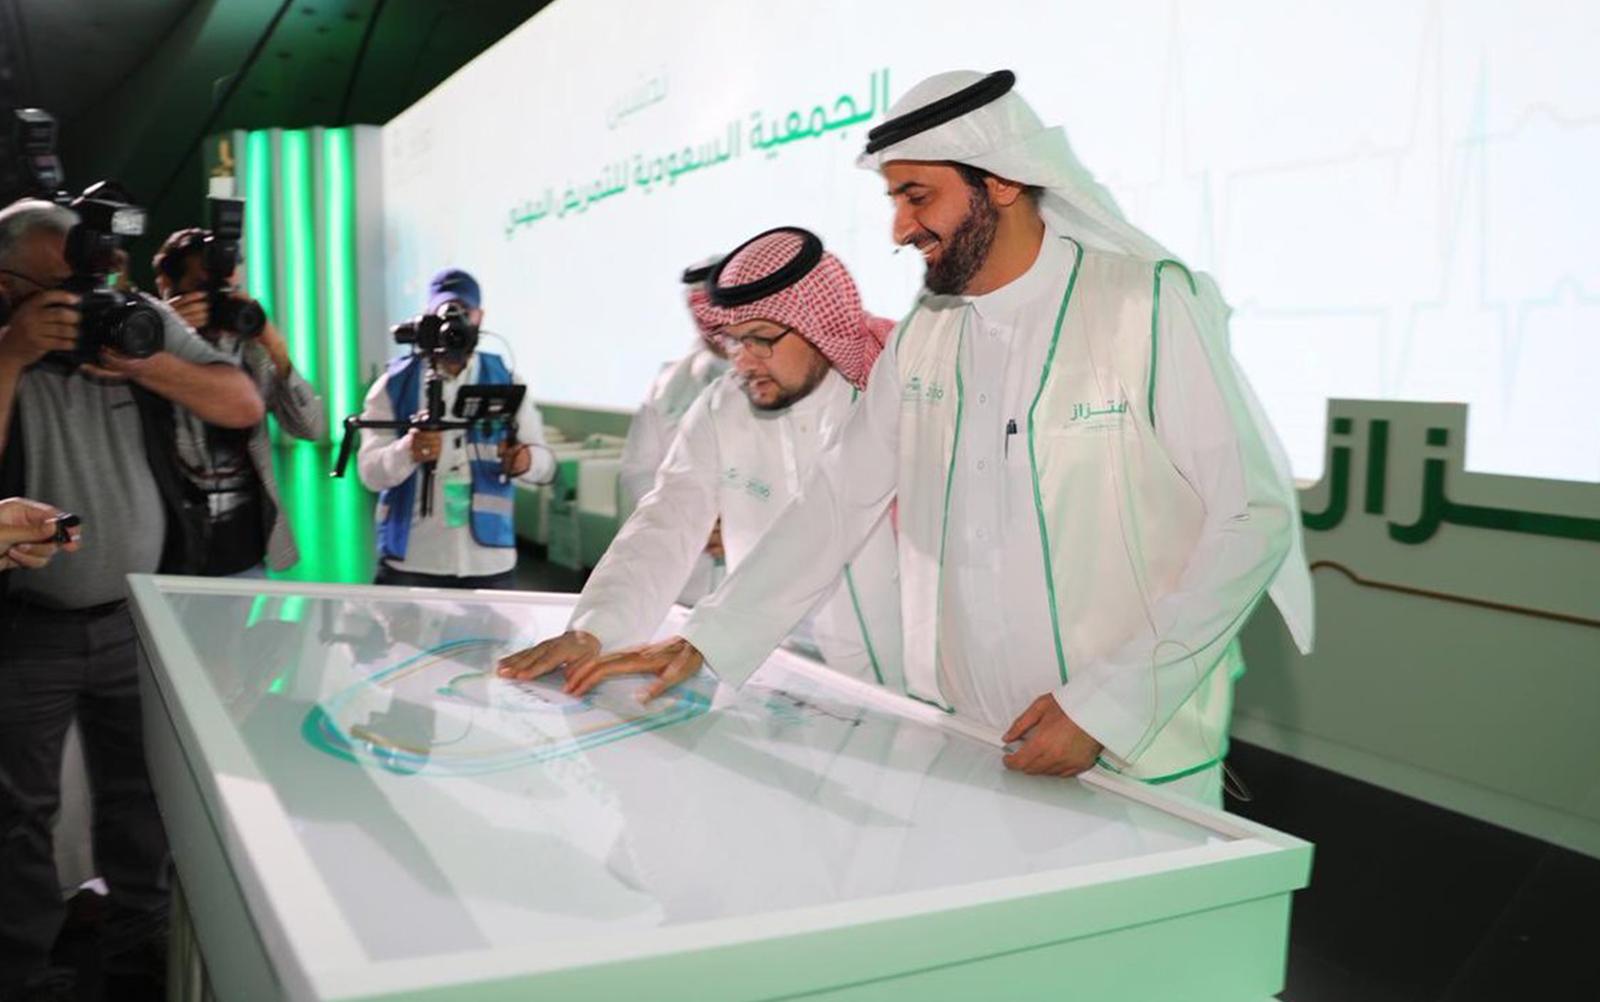 وزير الصحة يفتتح الجمعية السعودية للتمريض